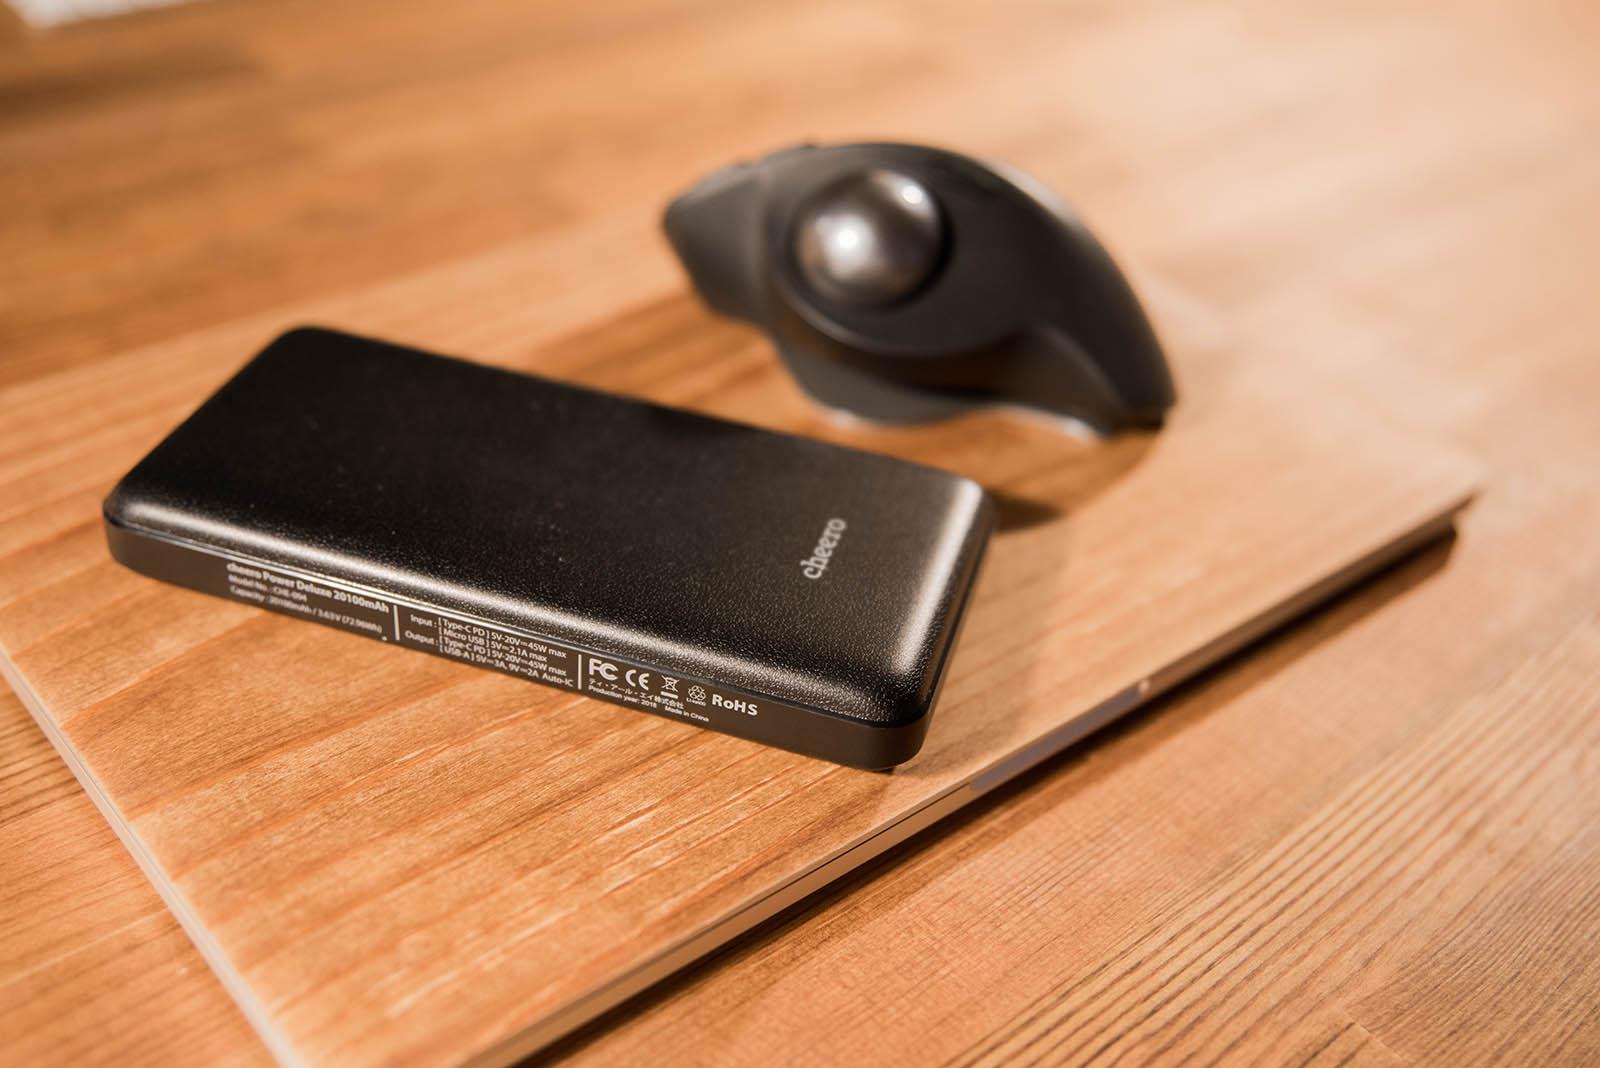 MacBook Proとトラックボール、モバイルバッテリーはどんな場合でも欠かせない